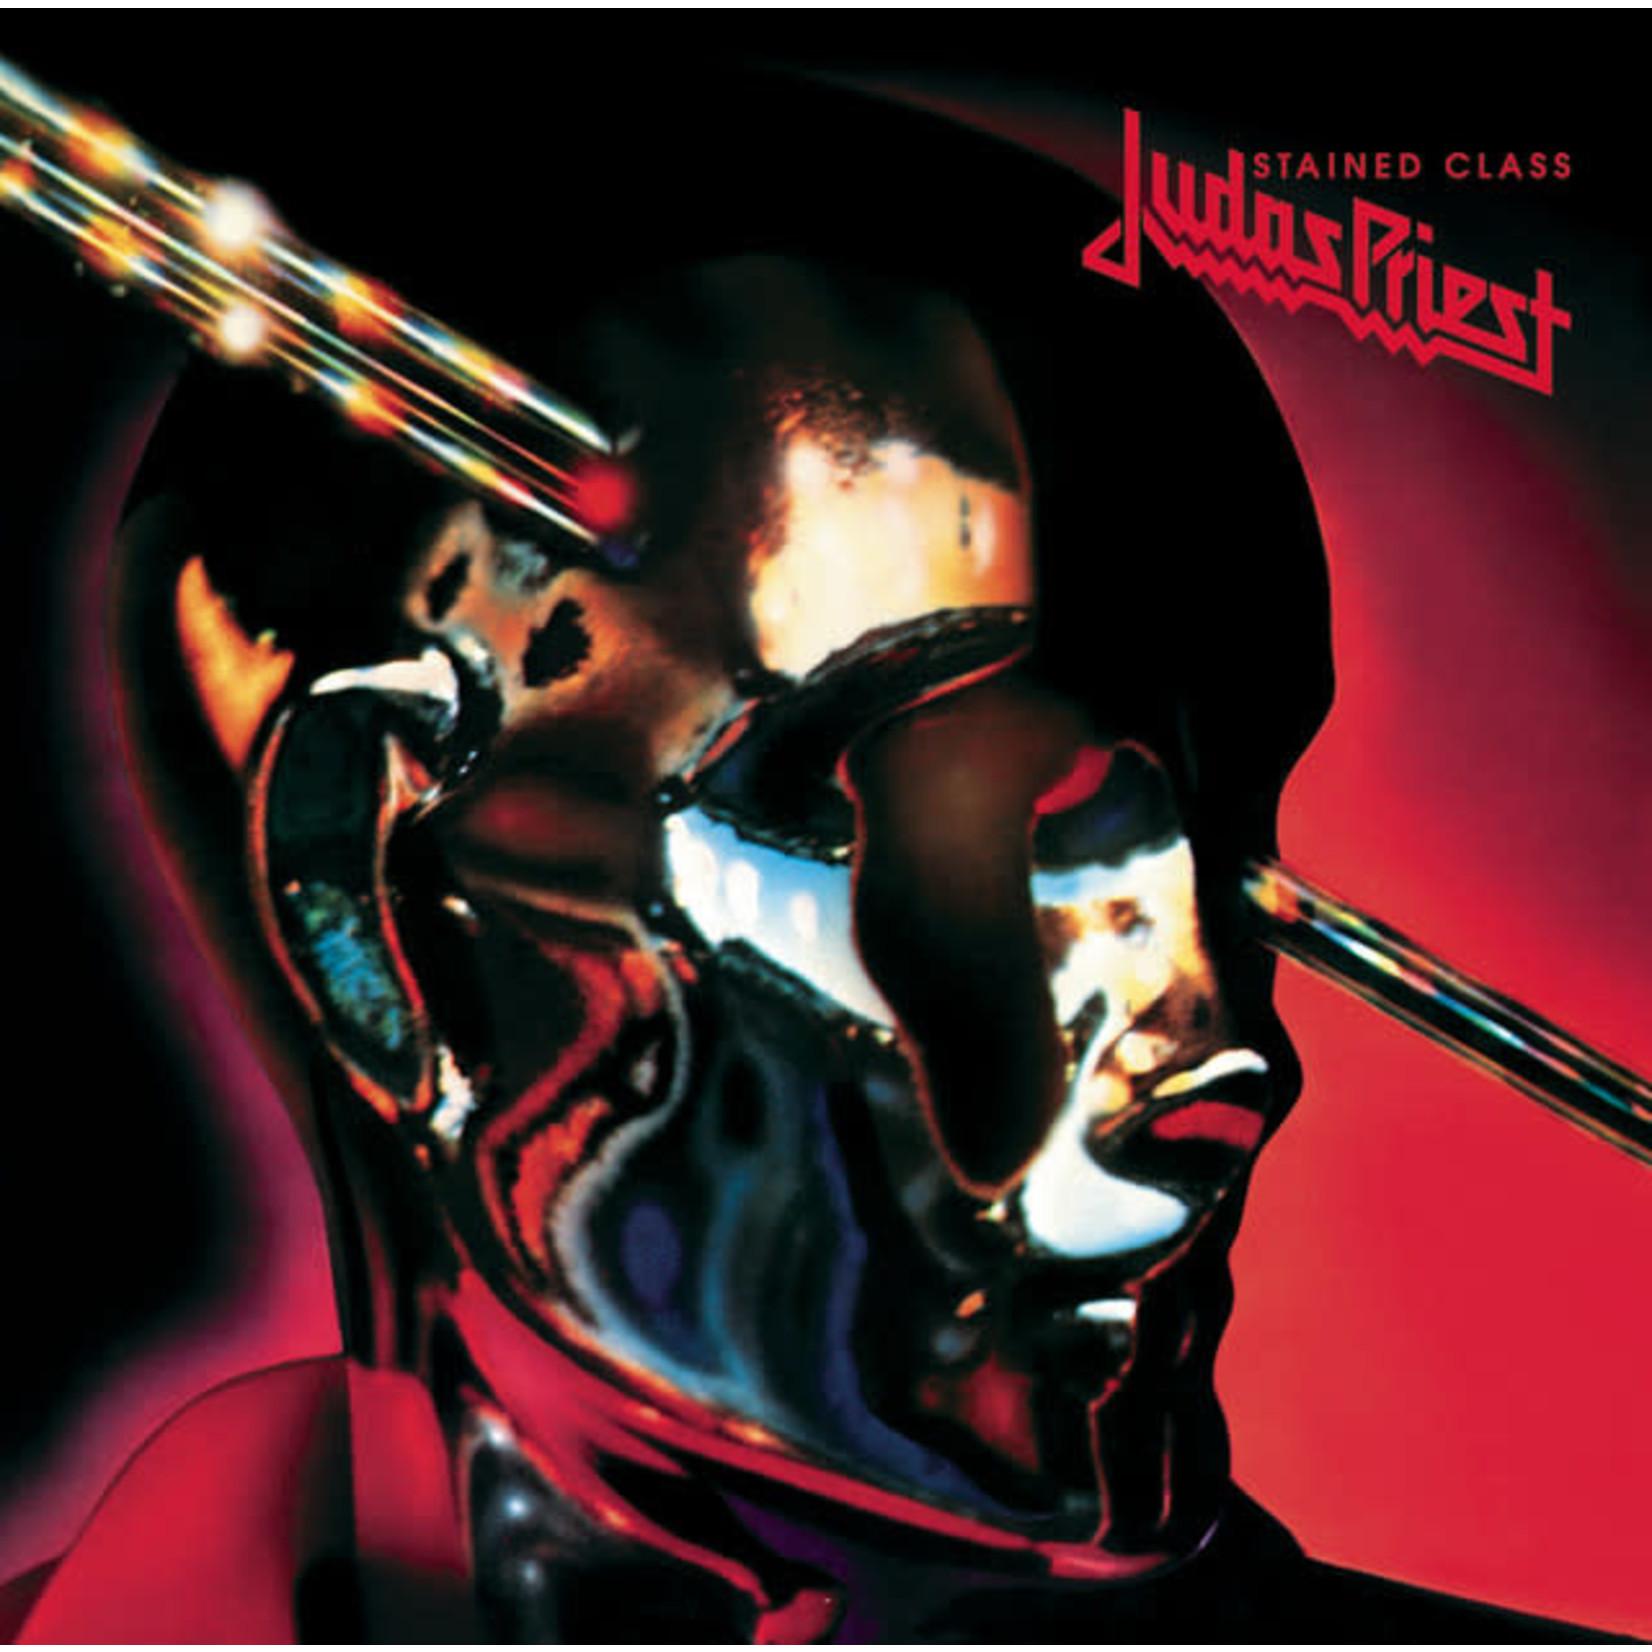 Vinyl Judas Priest - Stained Class